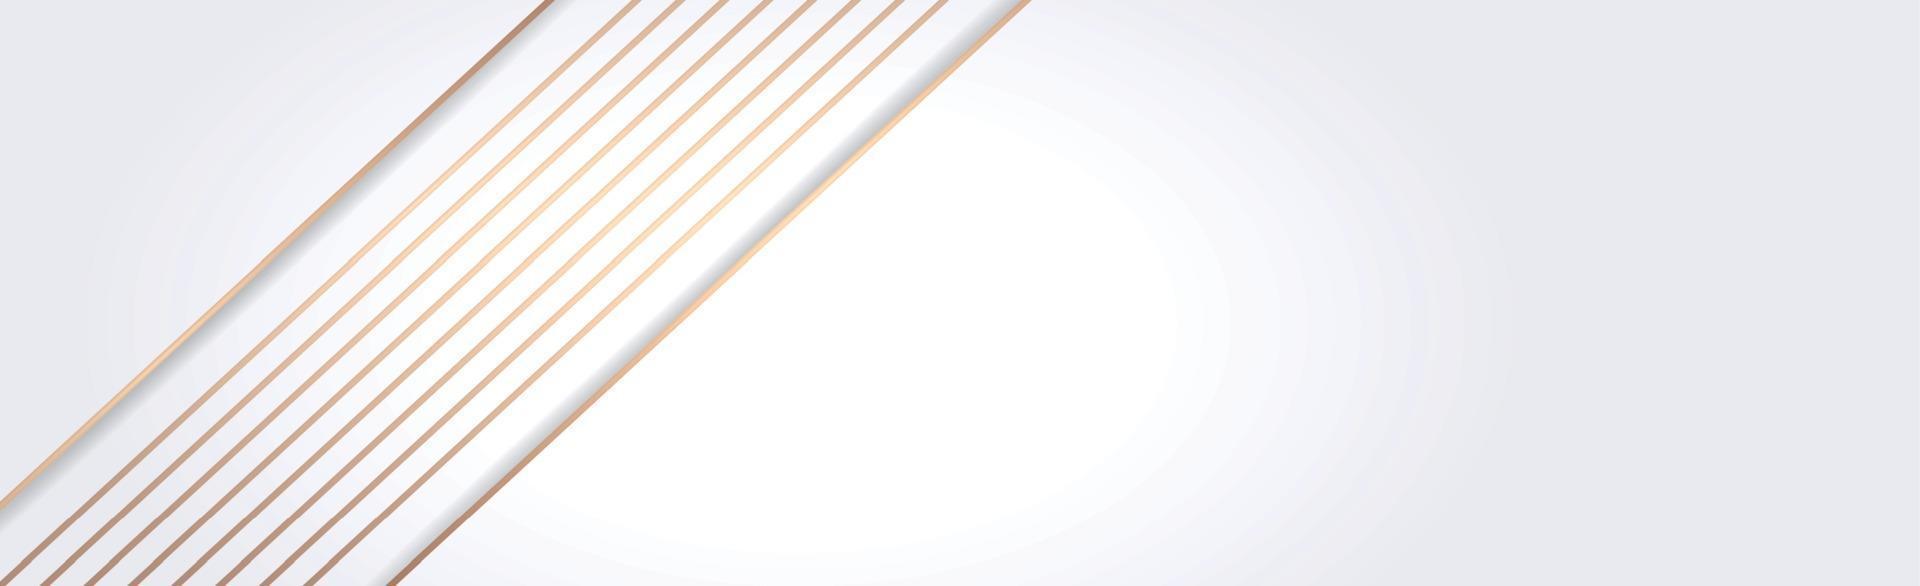 sfondo panoramico vettoriale bianco con linee rette e ombre